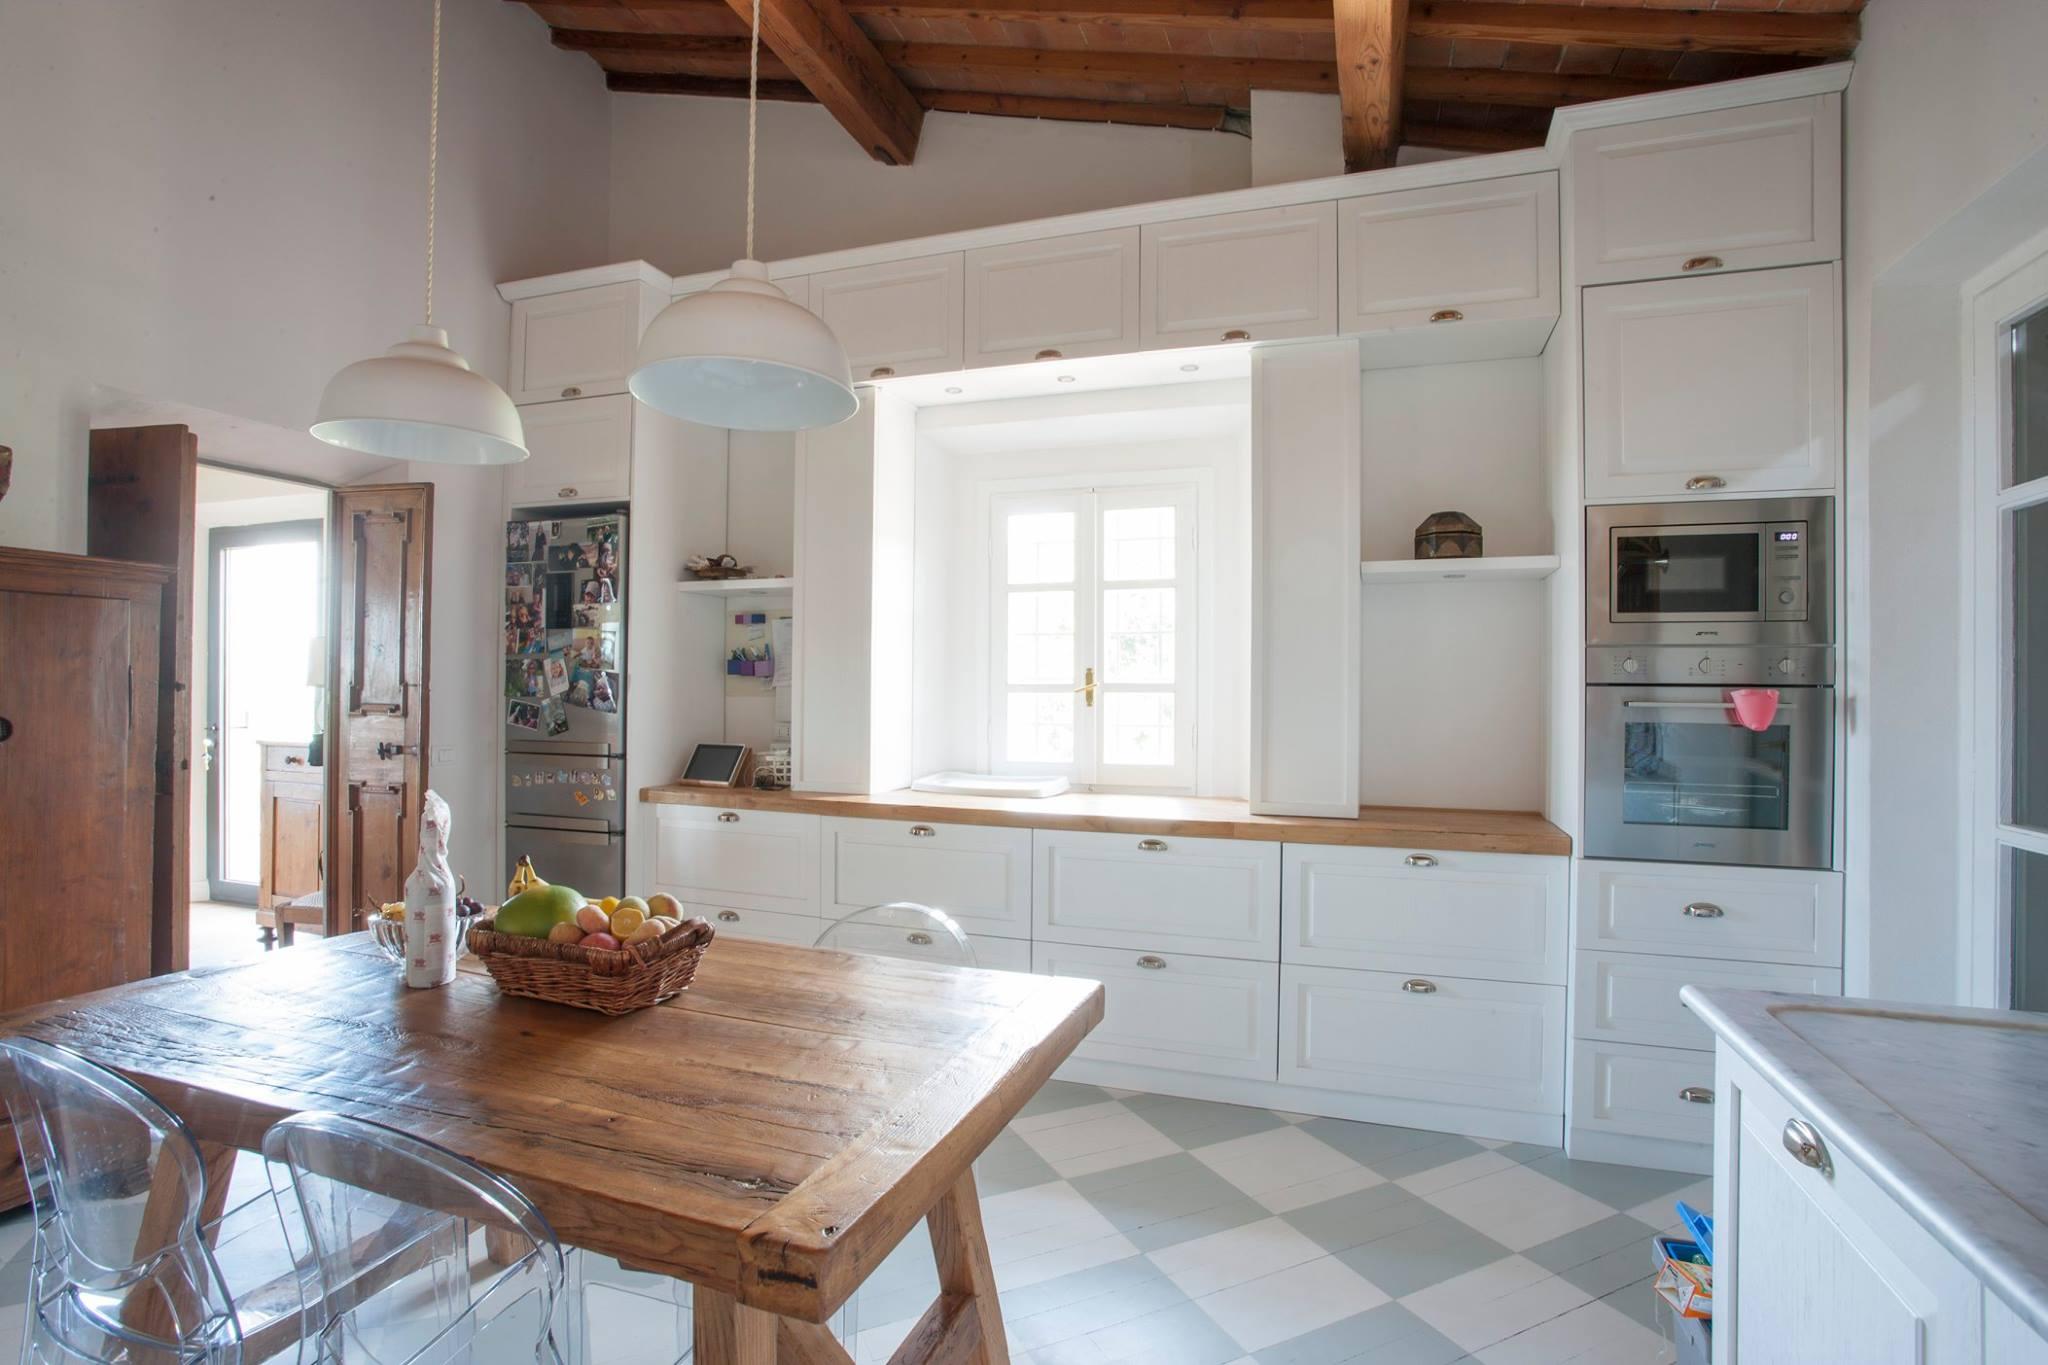 Cucina su misura arredamenti su misura roma